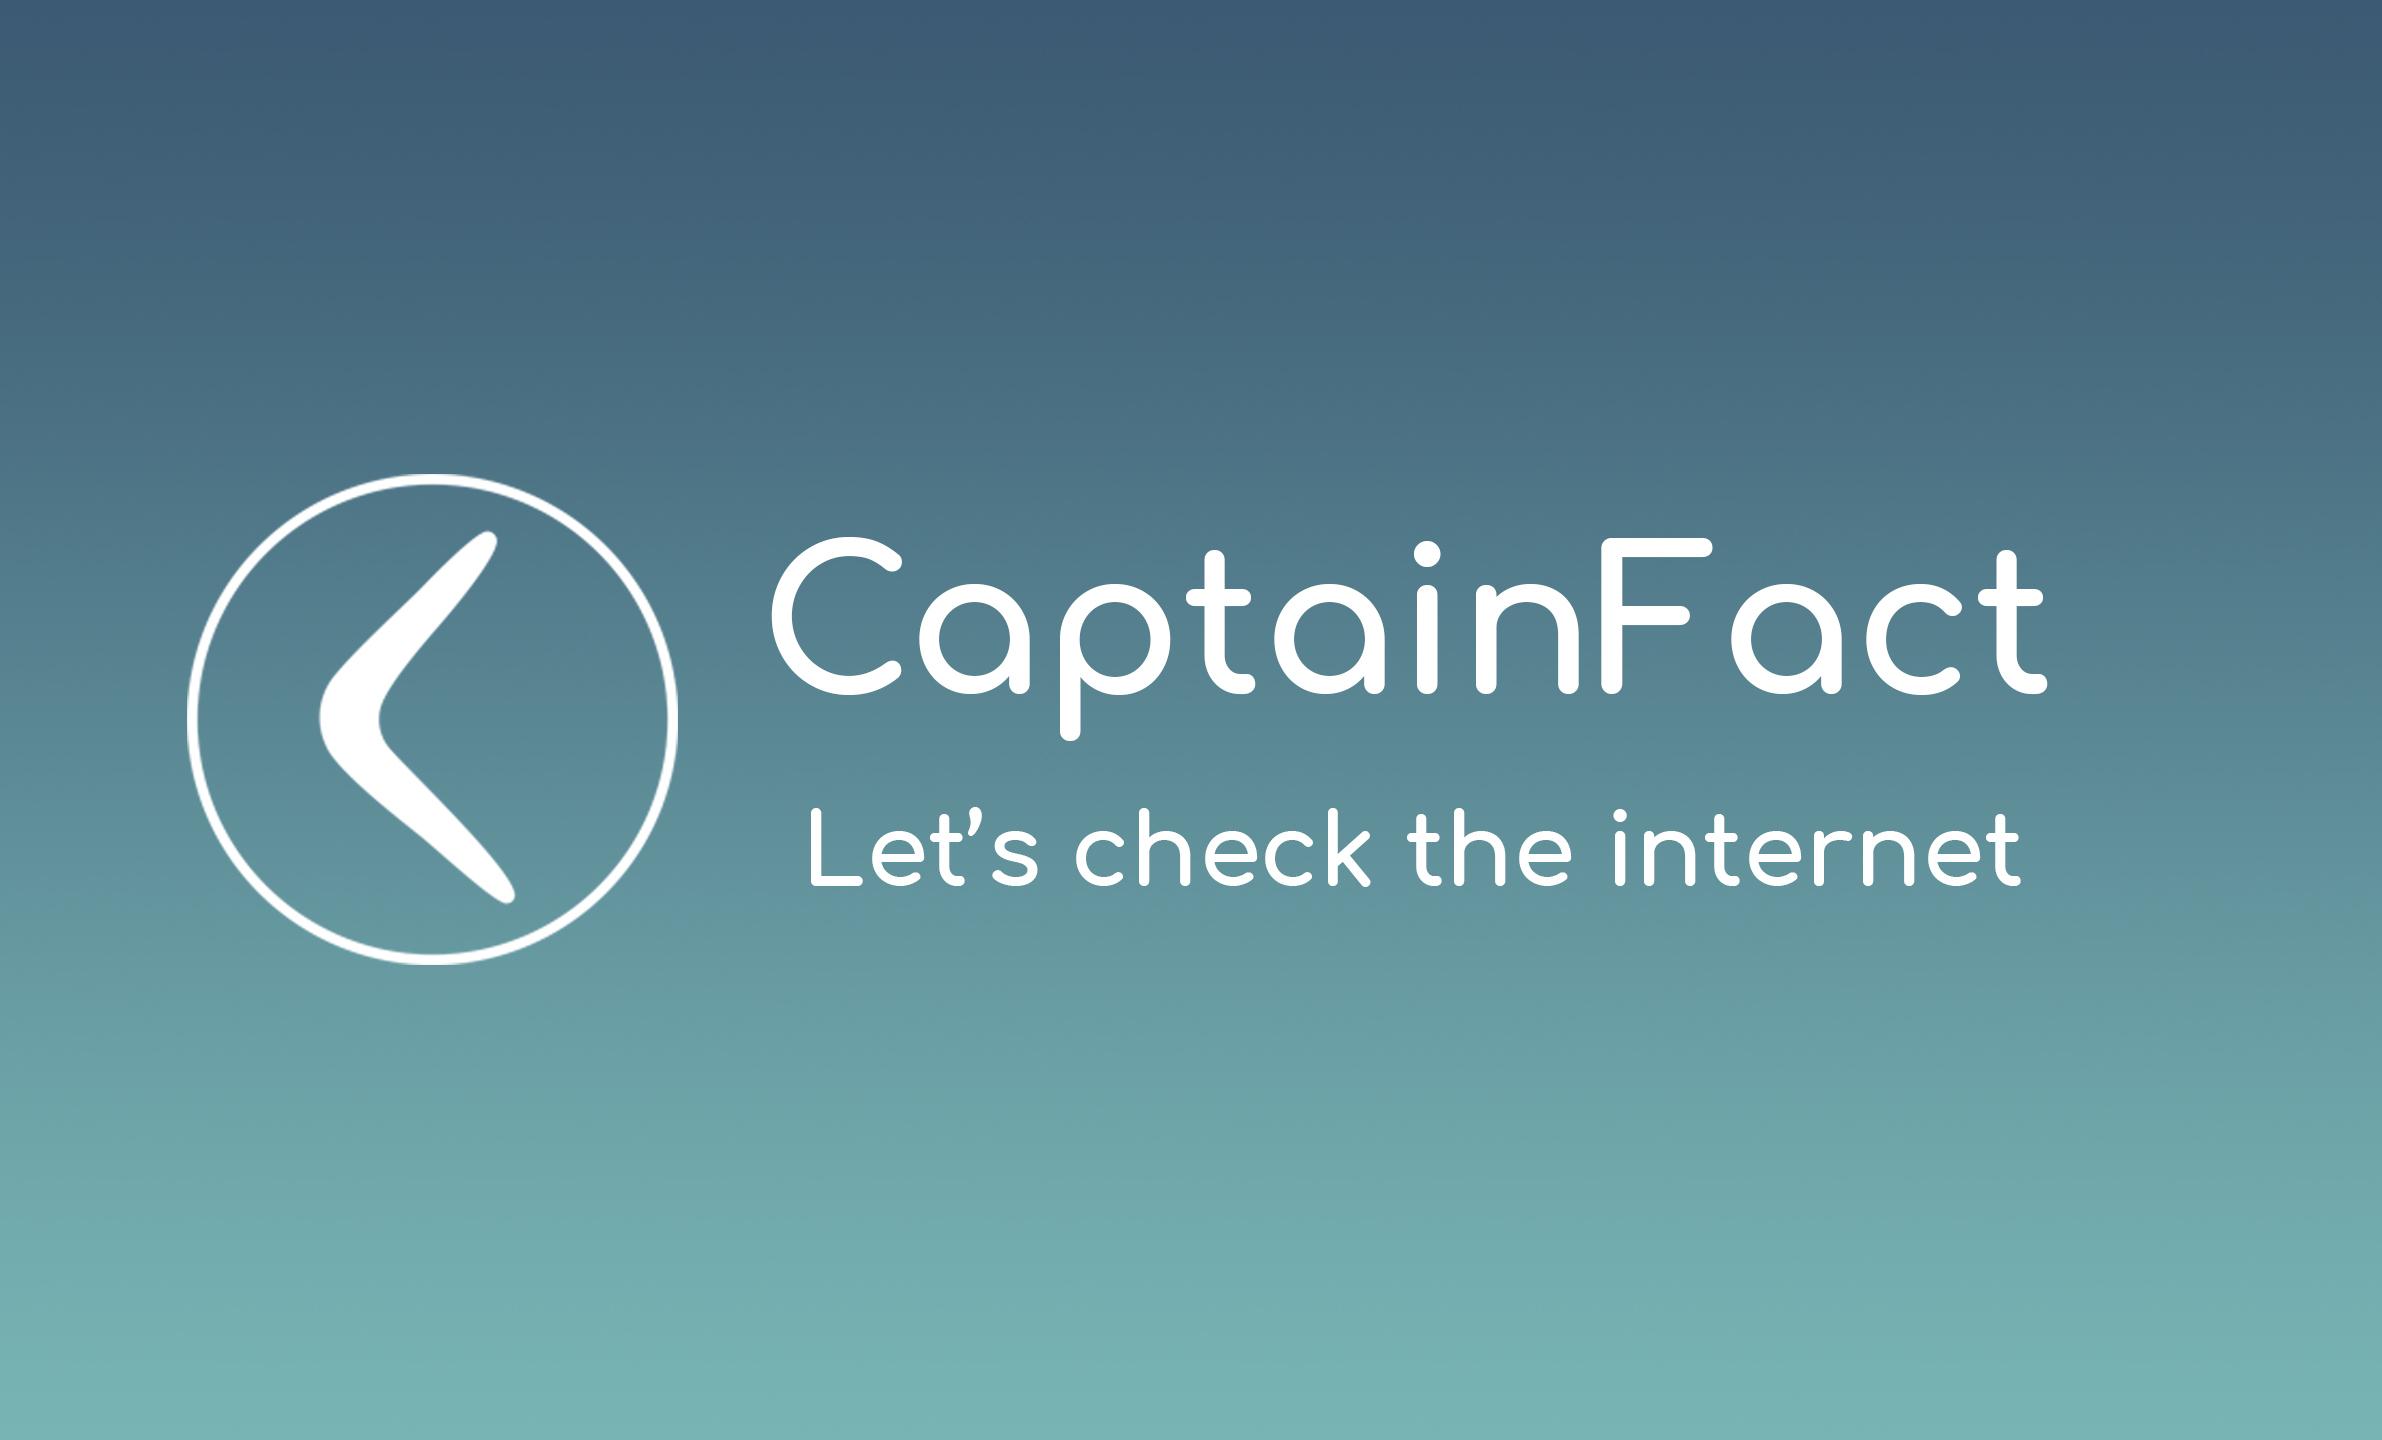 captain-fact